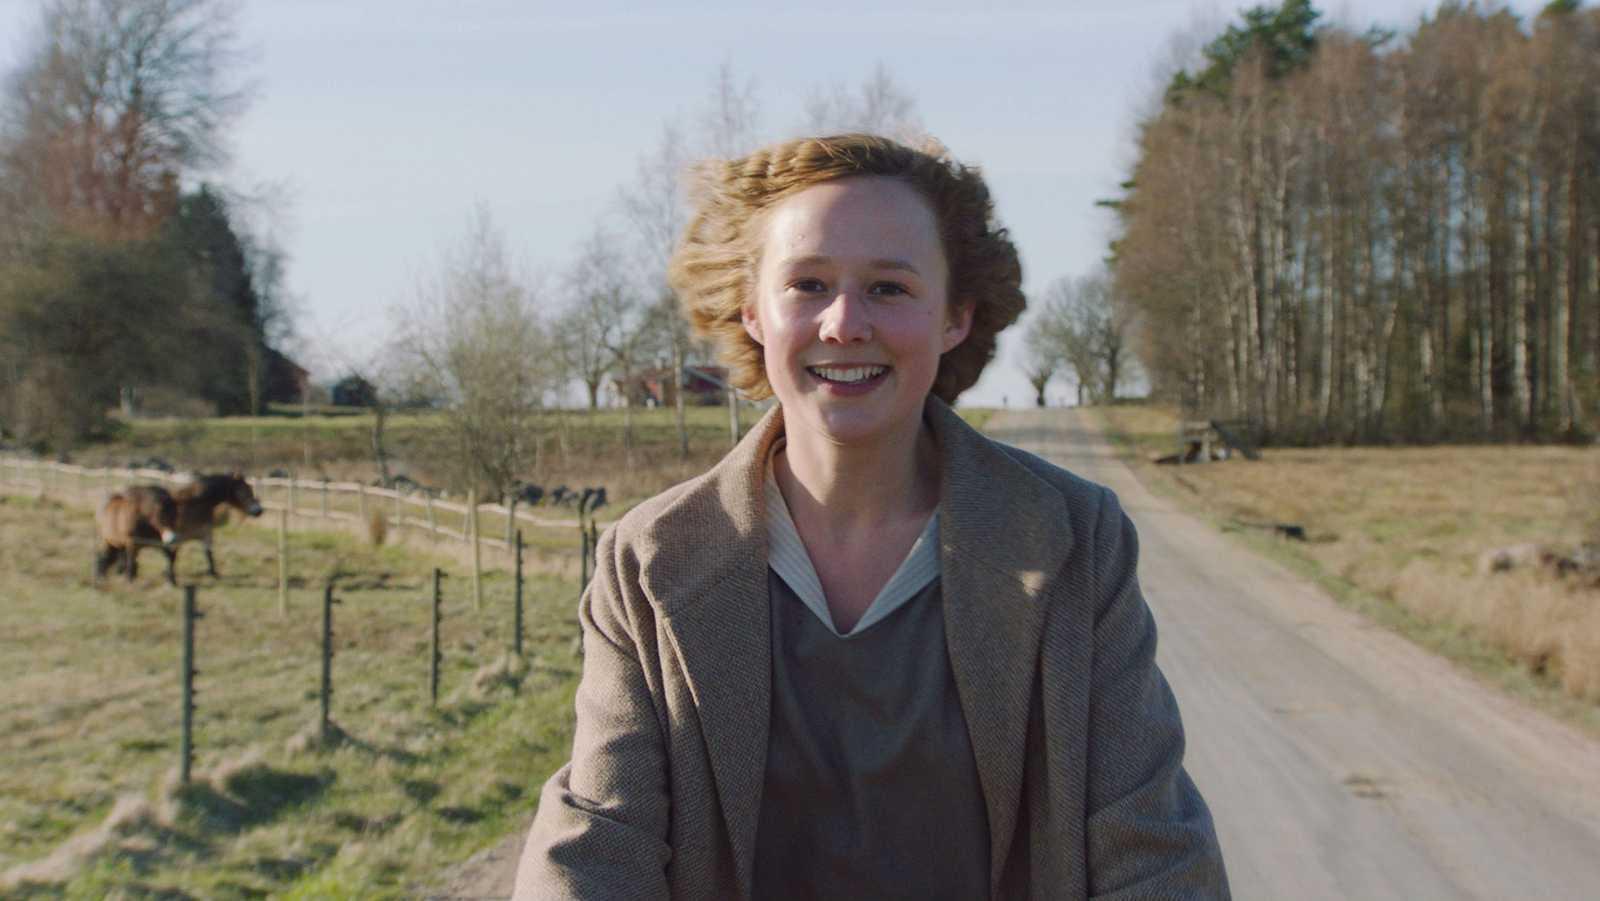 'Conociendo a astrid', la historia de la creadora de Pippi Calzaslargas este sábado en El Cine de La 2